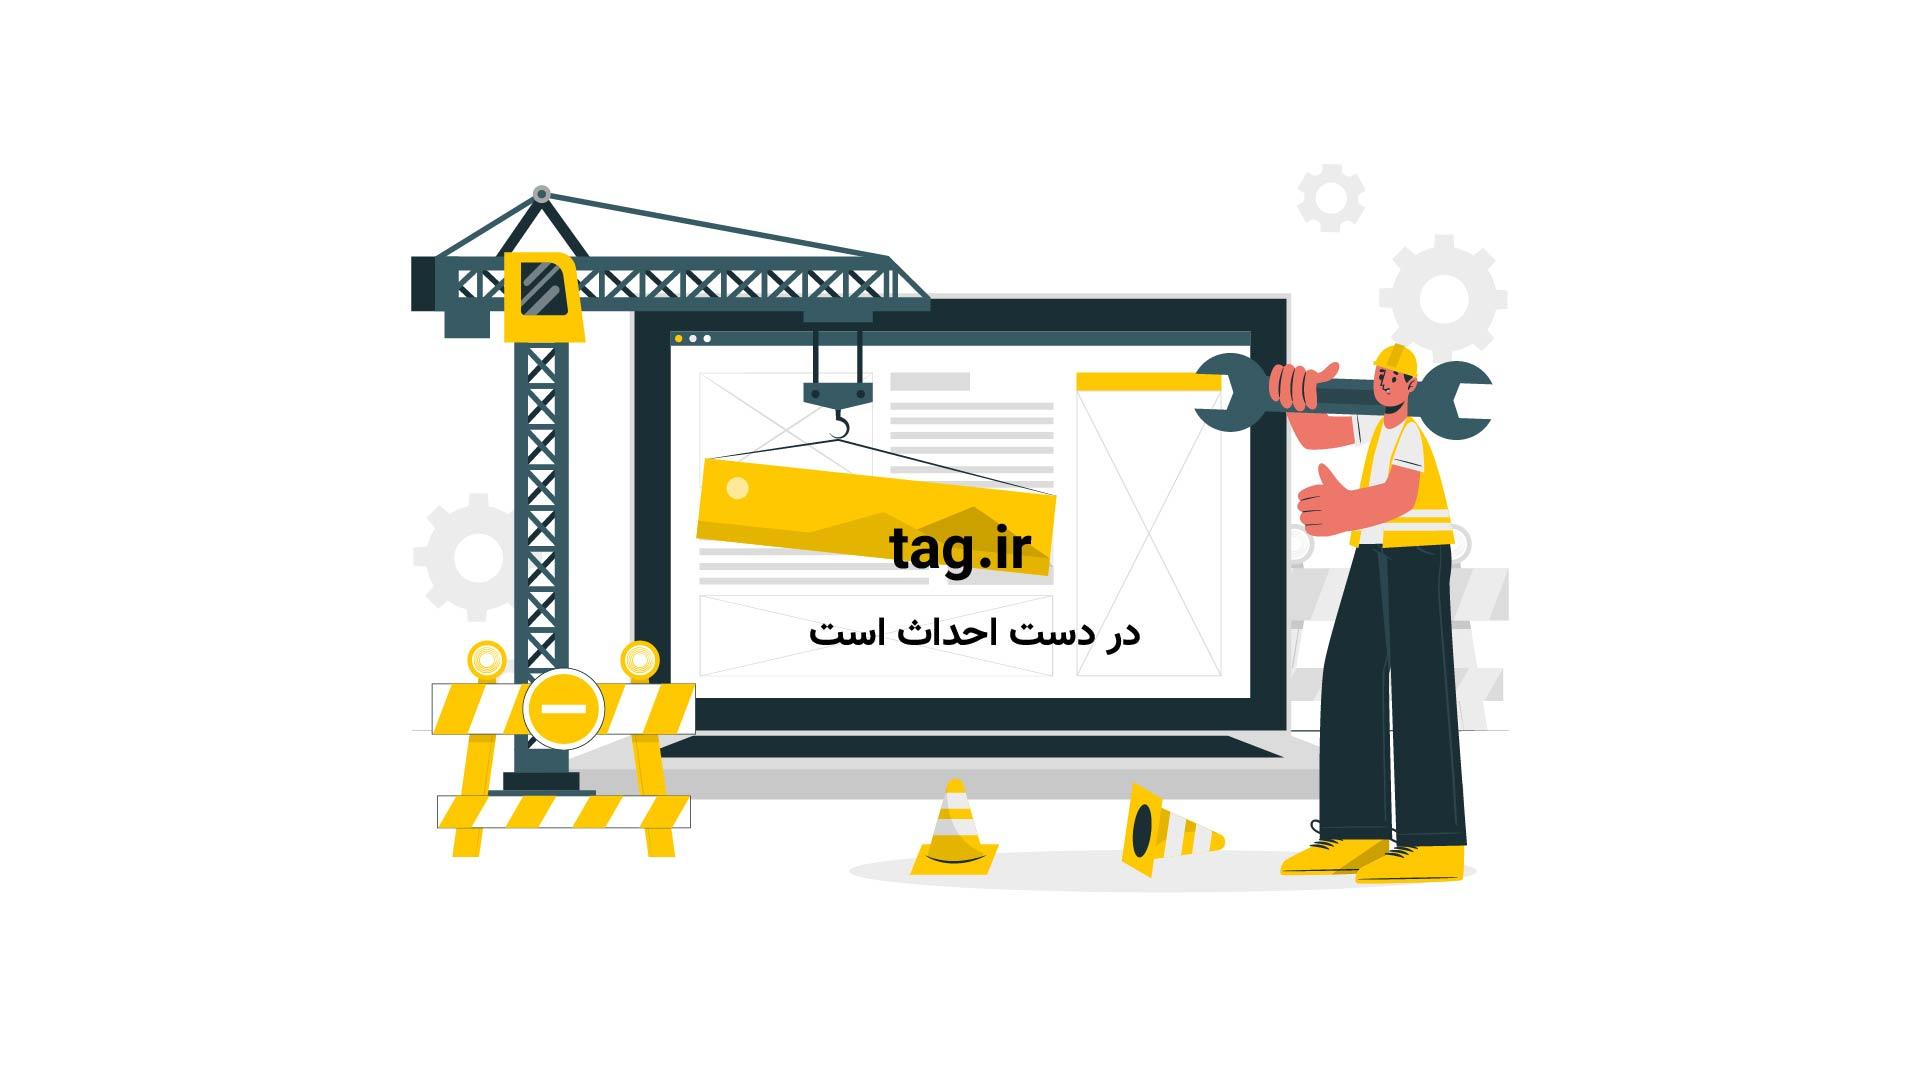 معروفترین مجری تلویزیون کره شمالی   فیلم